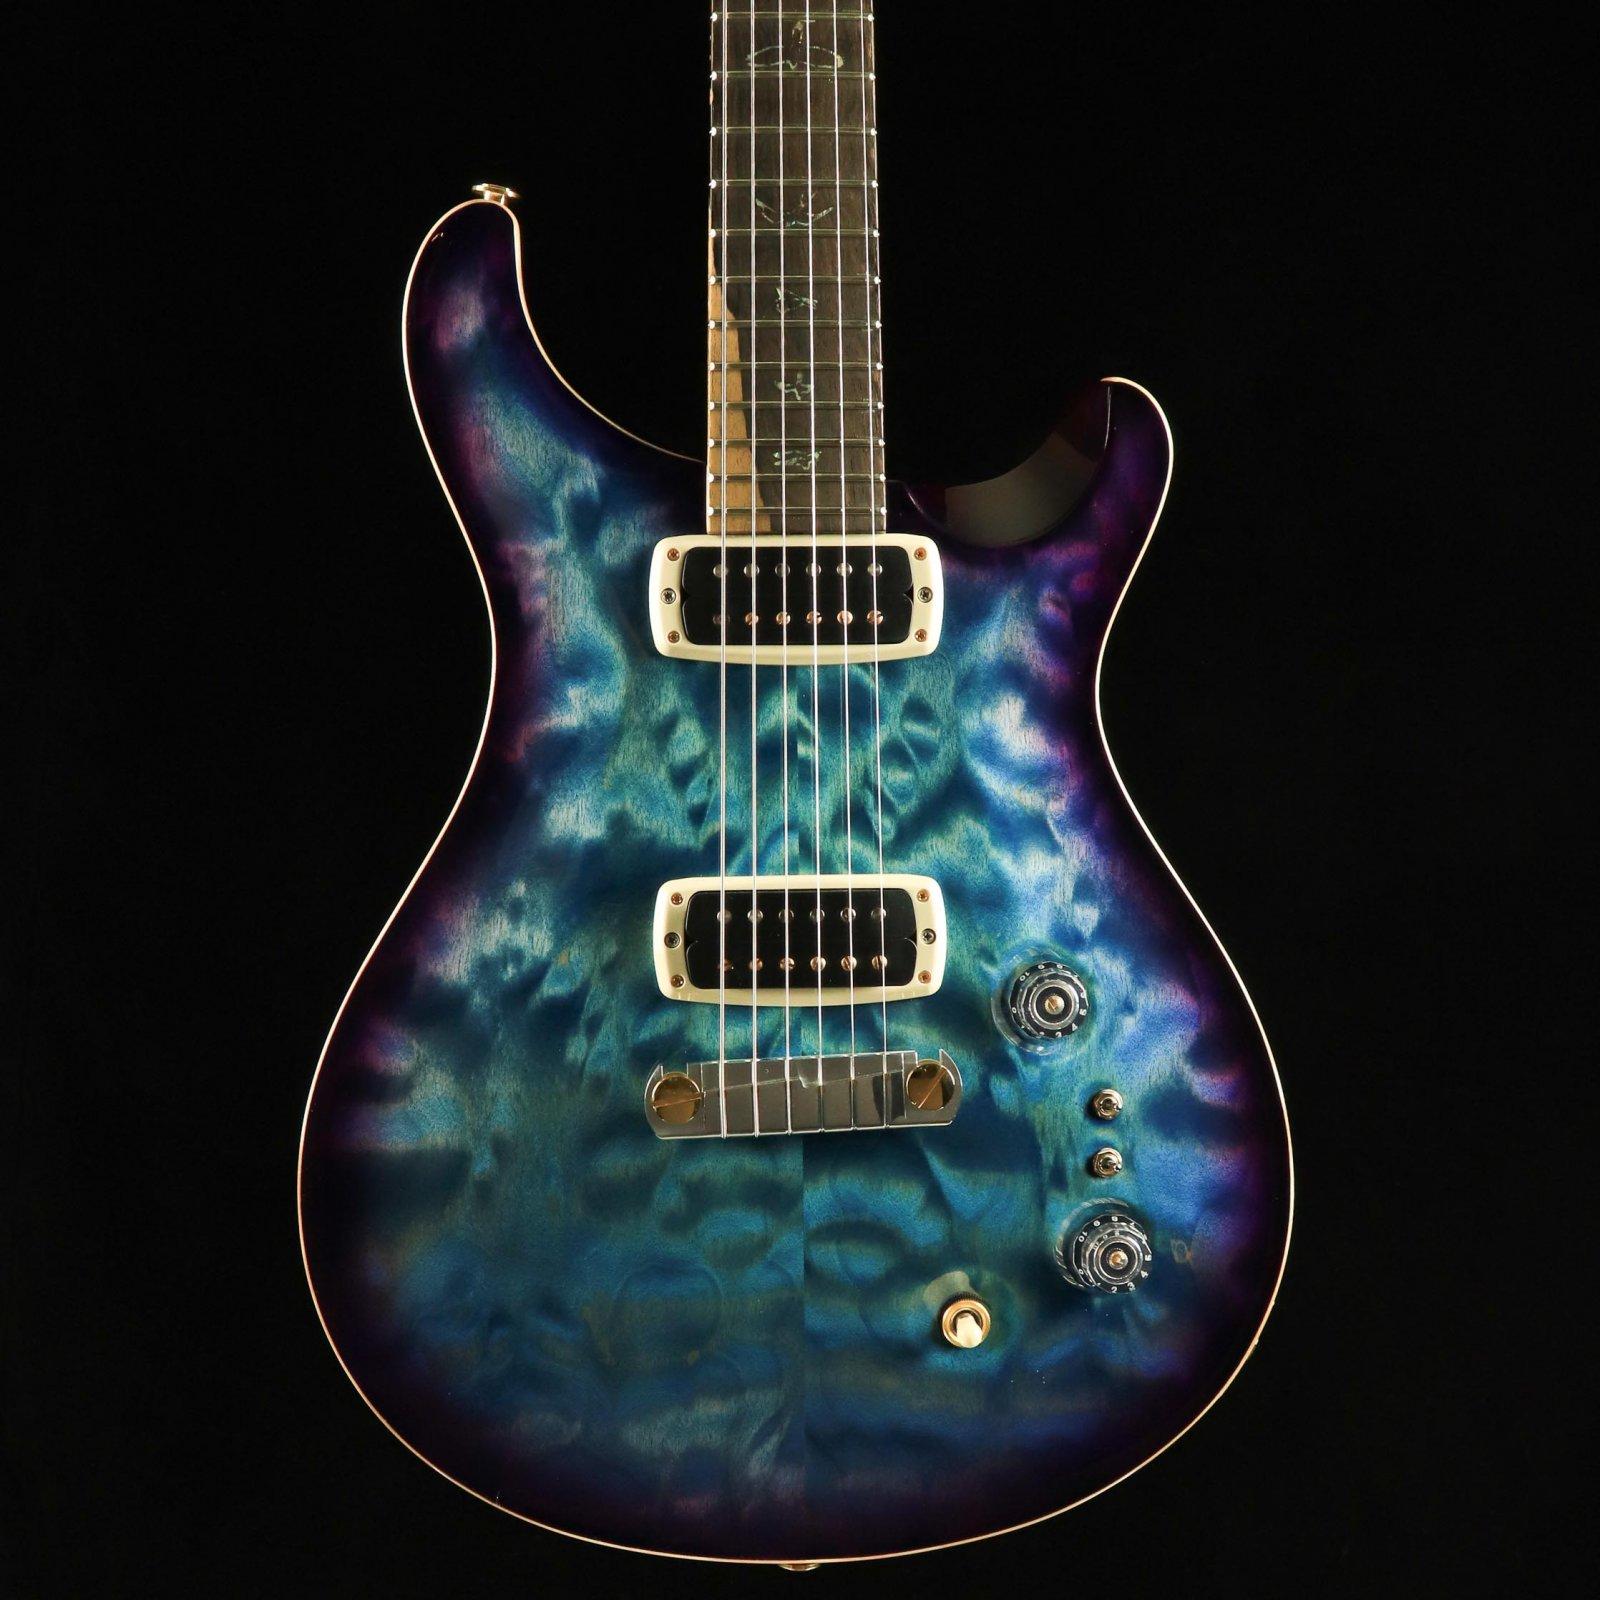 PRS Wood Library Paul's Guitar - Aquableux Purple Burst